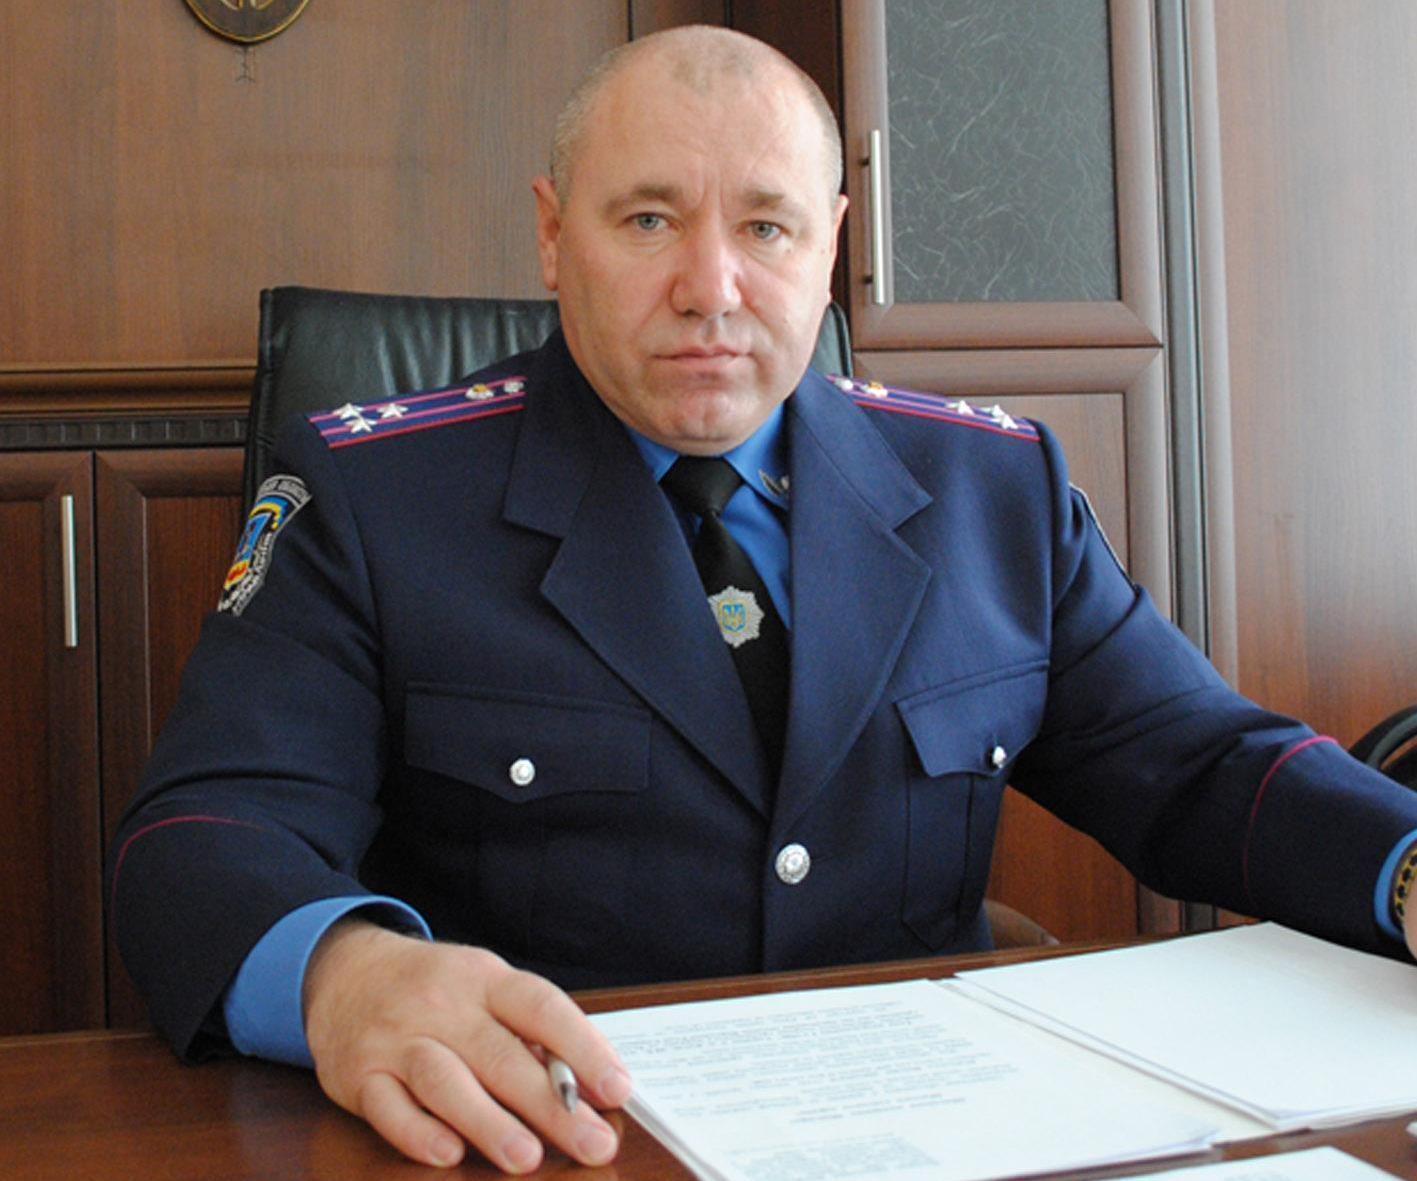 Львовский прокурор стал получать меньше денег